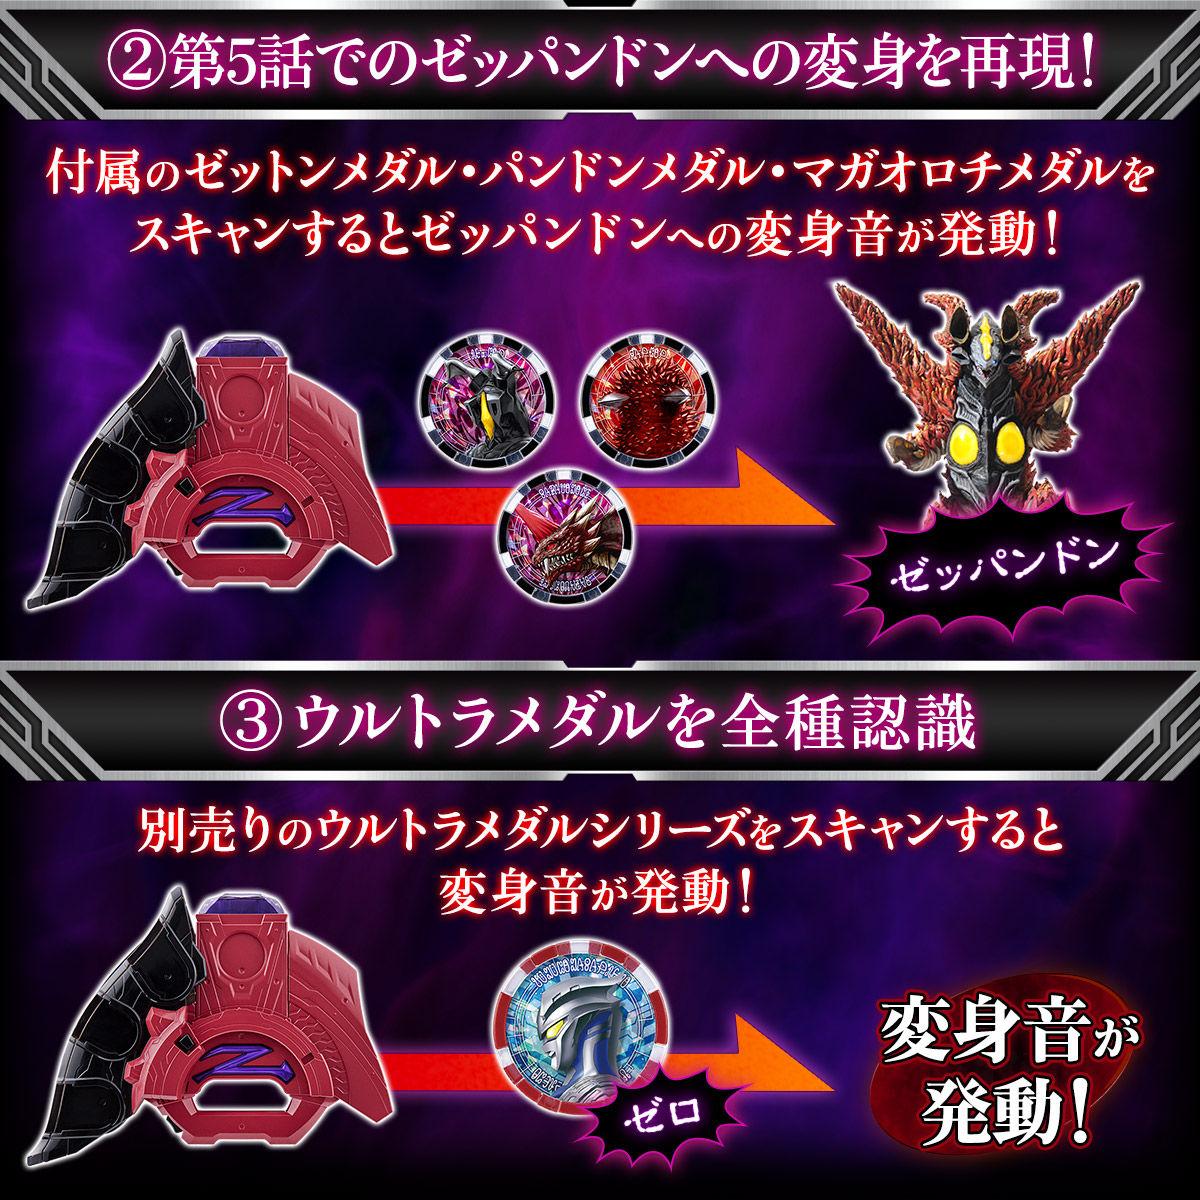 【限定販売】ウルトラマンZ『DXダークゼットライザー』ウルトラマンゼット 変身なりきり-005